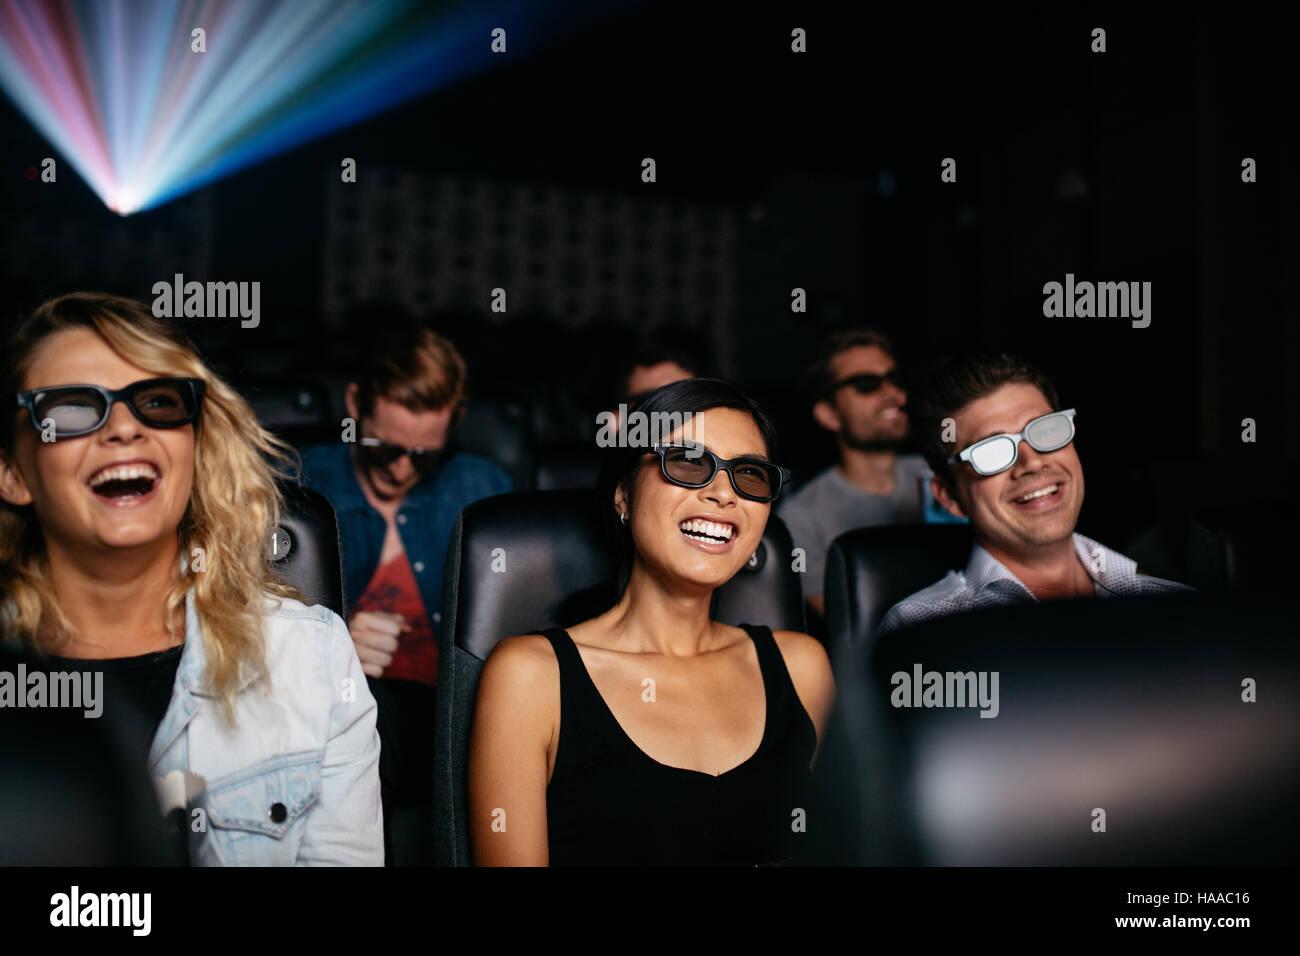 Grupo de jóvenes amigos viendo películas en 3D en el teatro y la risa. Los jóvenes hombres y mujeres Imagen De Stock